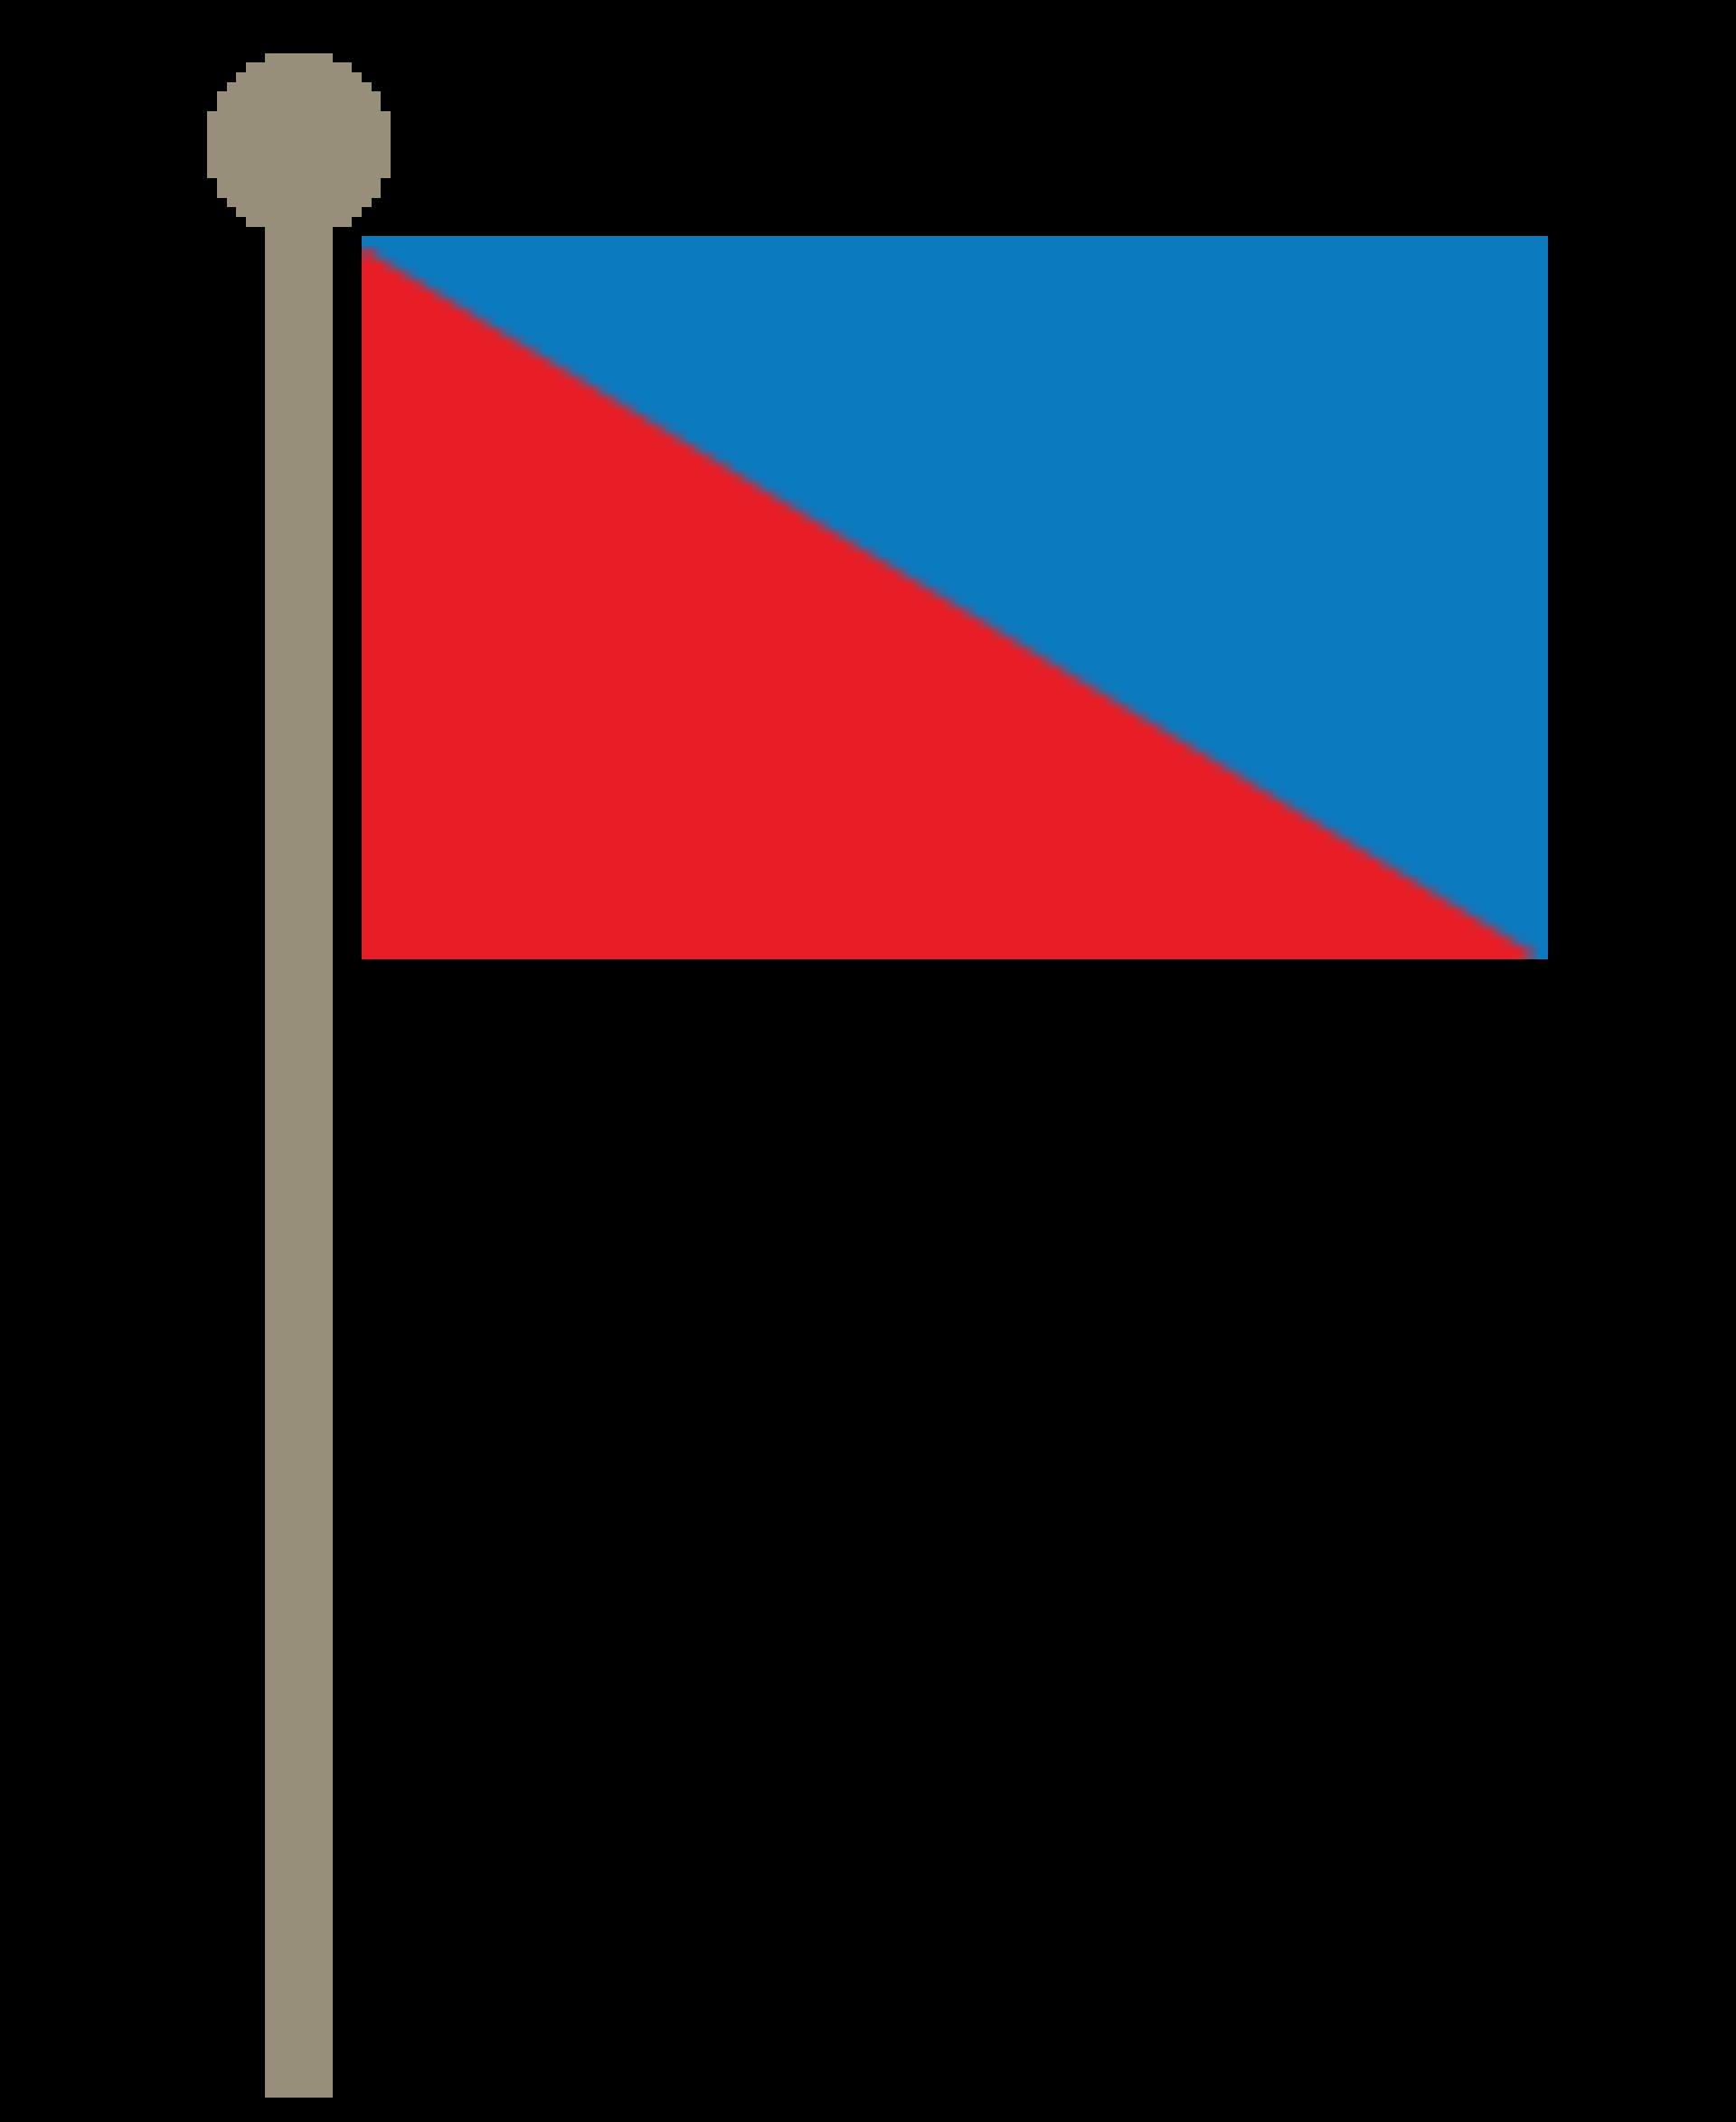 Blueredflag